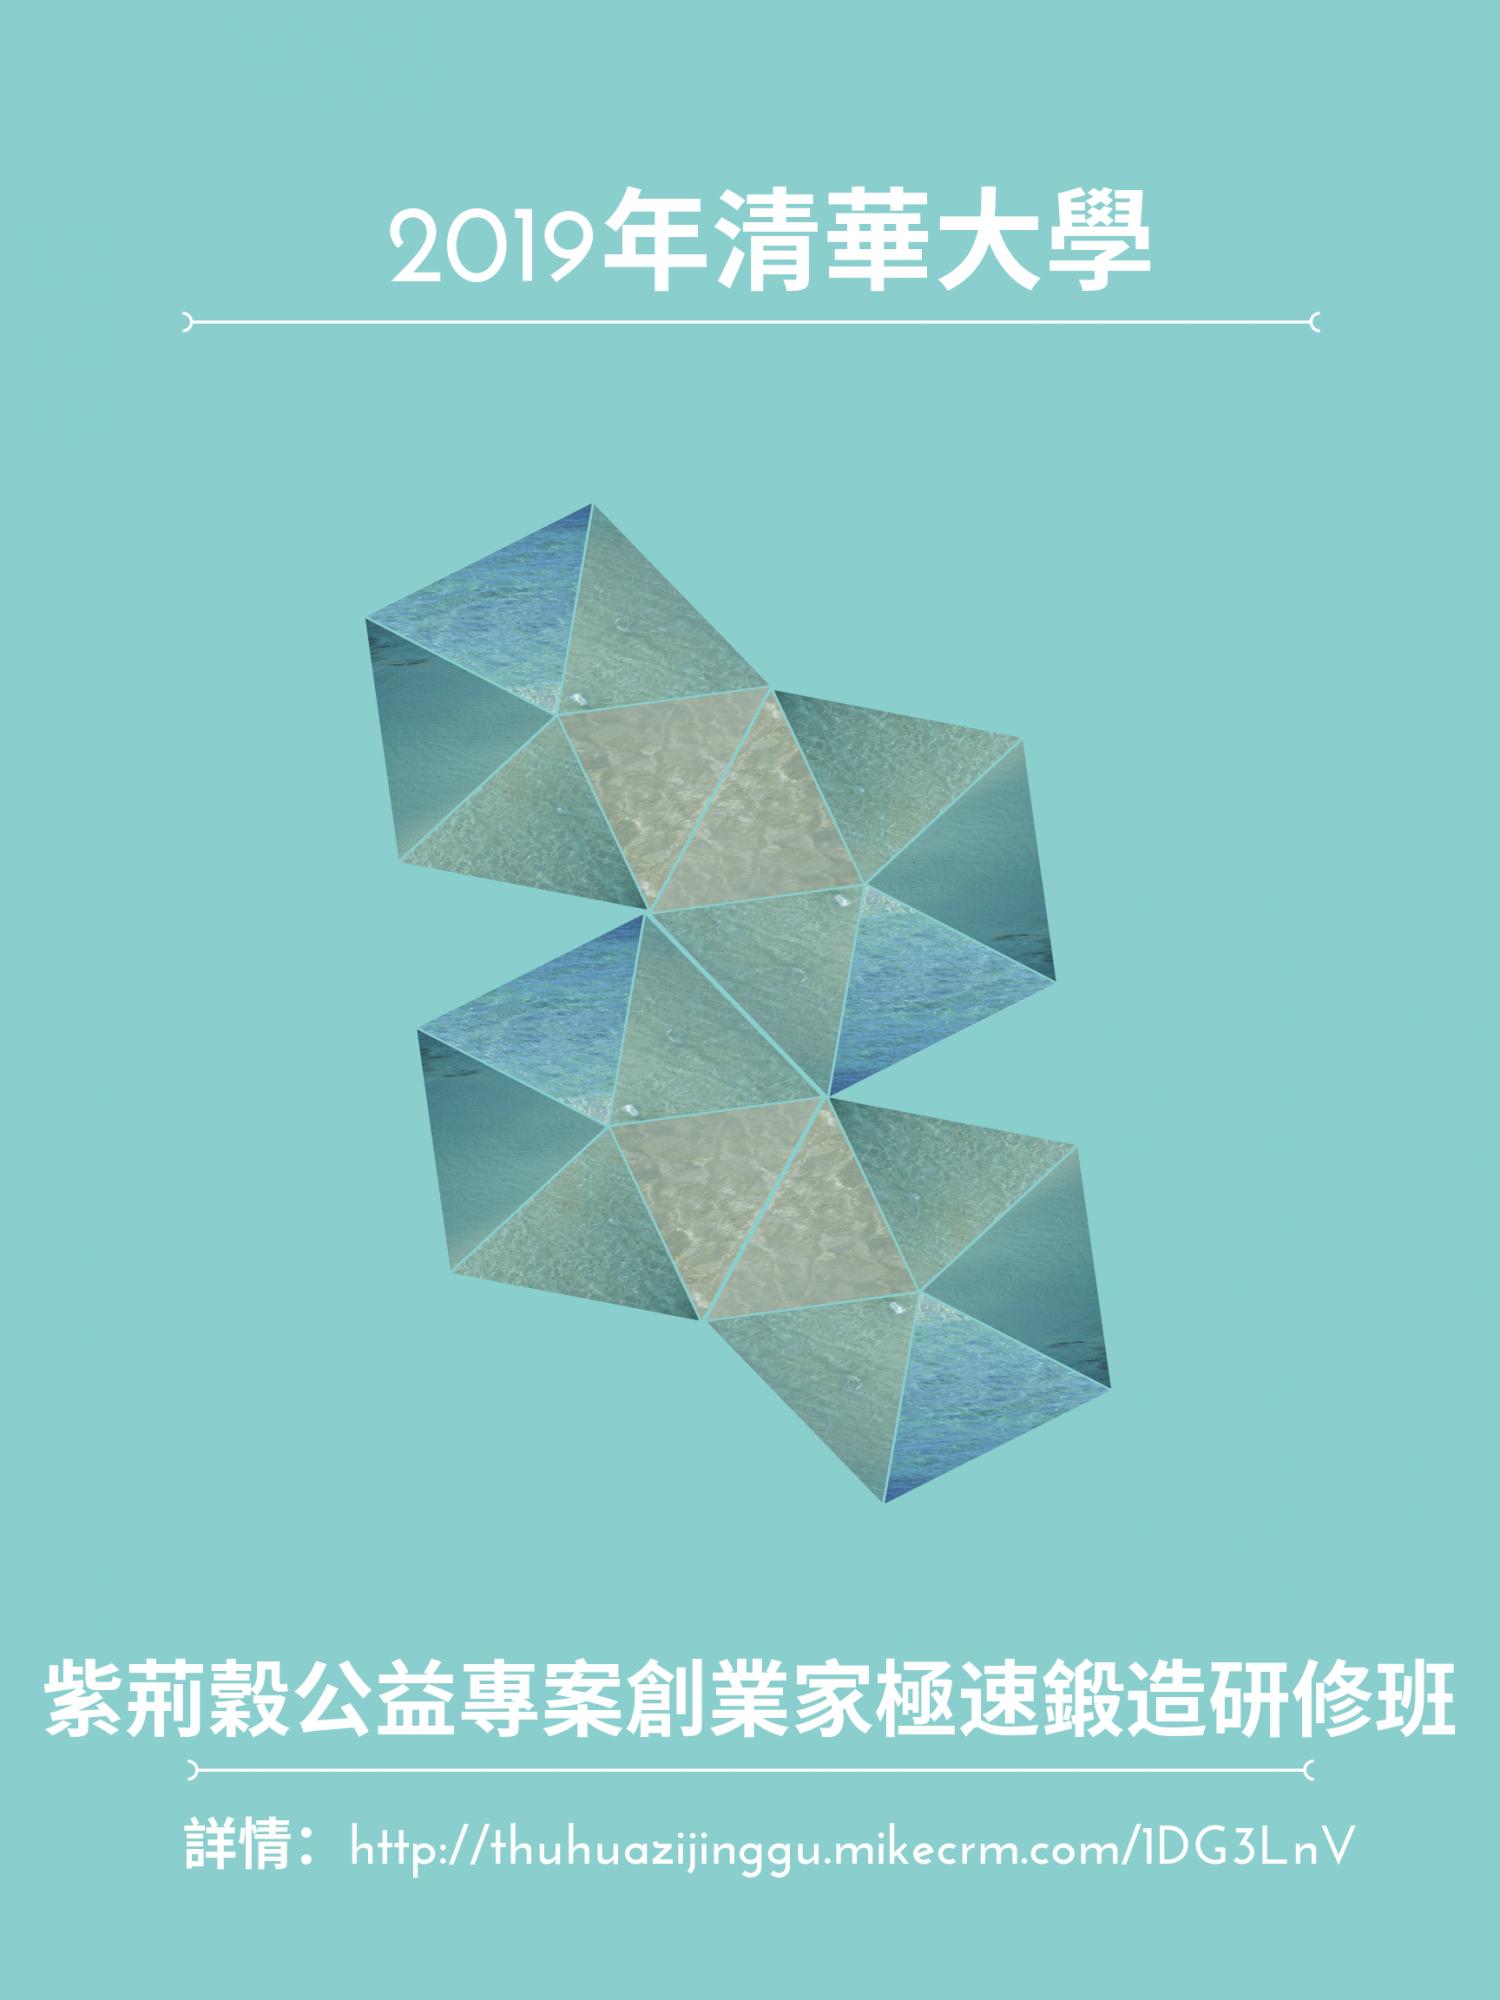 2019年清華大學紫荊穀公益專案創業家極速鍛造研修班